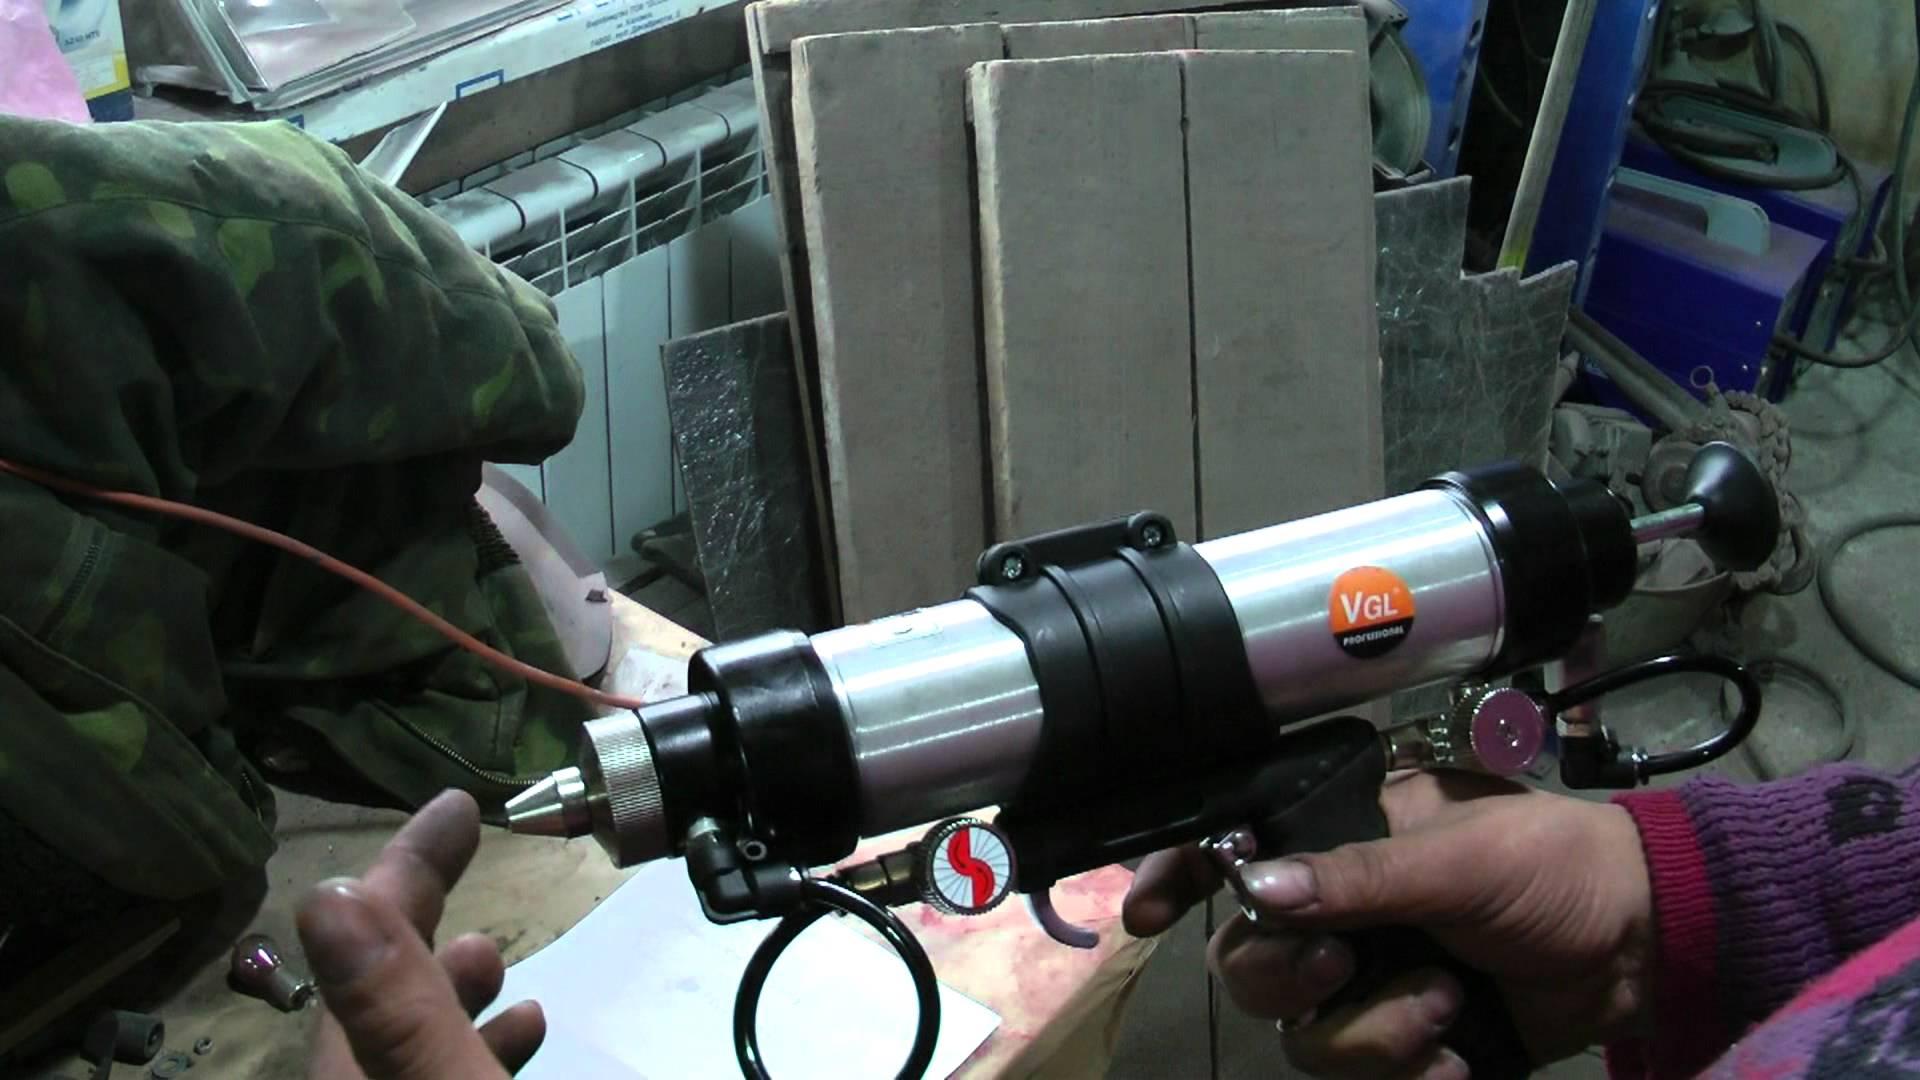 Как вставить герметик в пистолет, что это за устройство и как оно выглядит